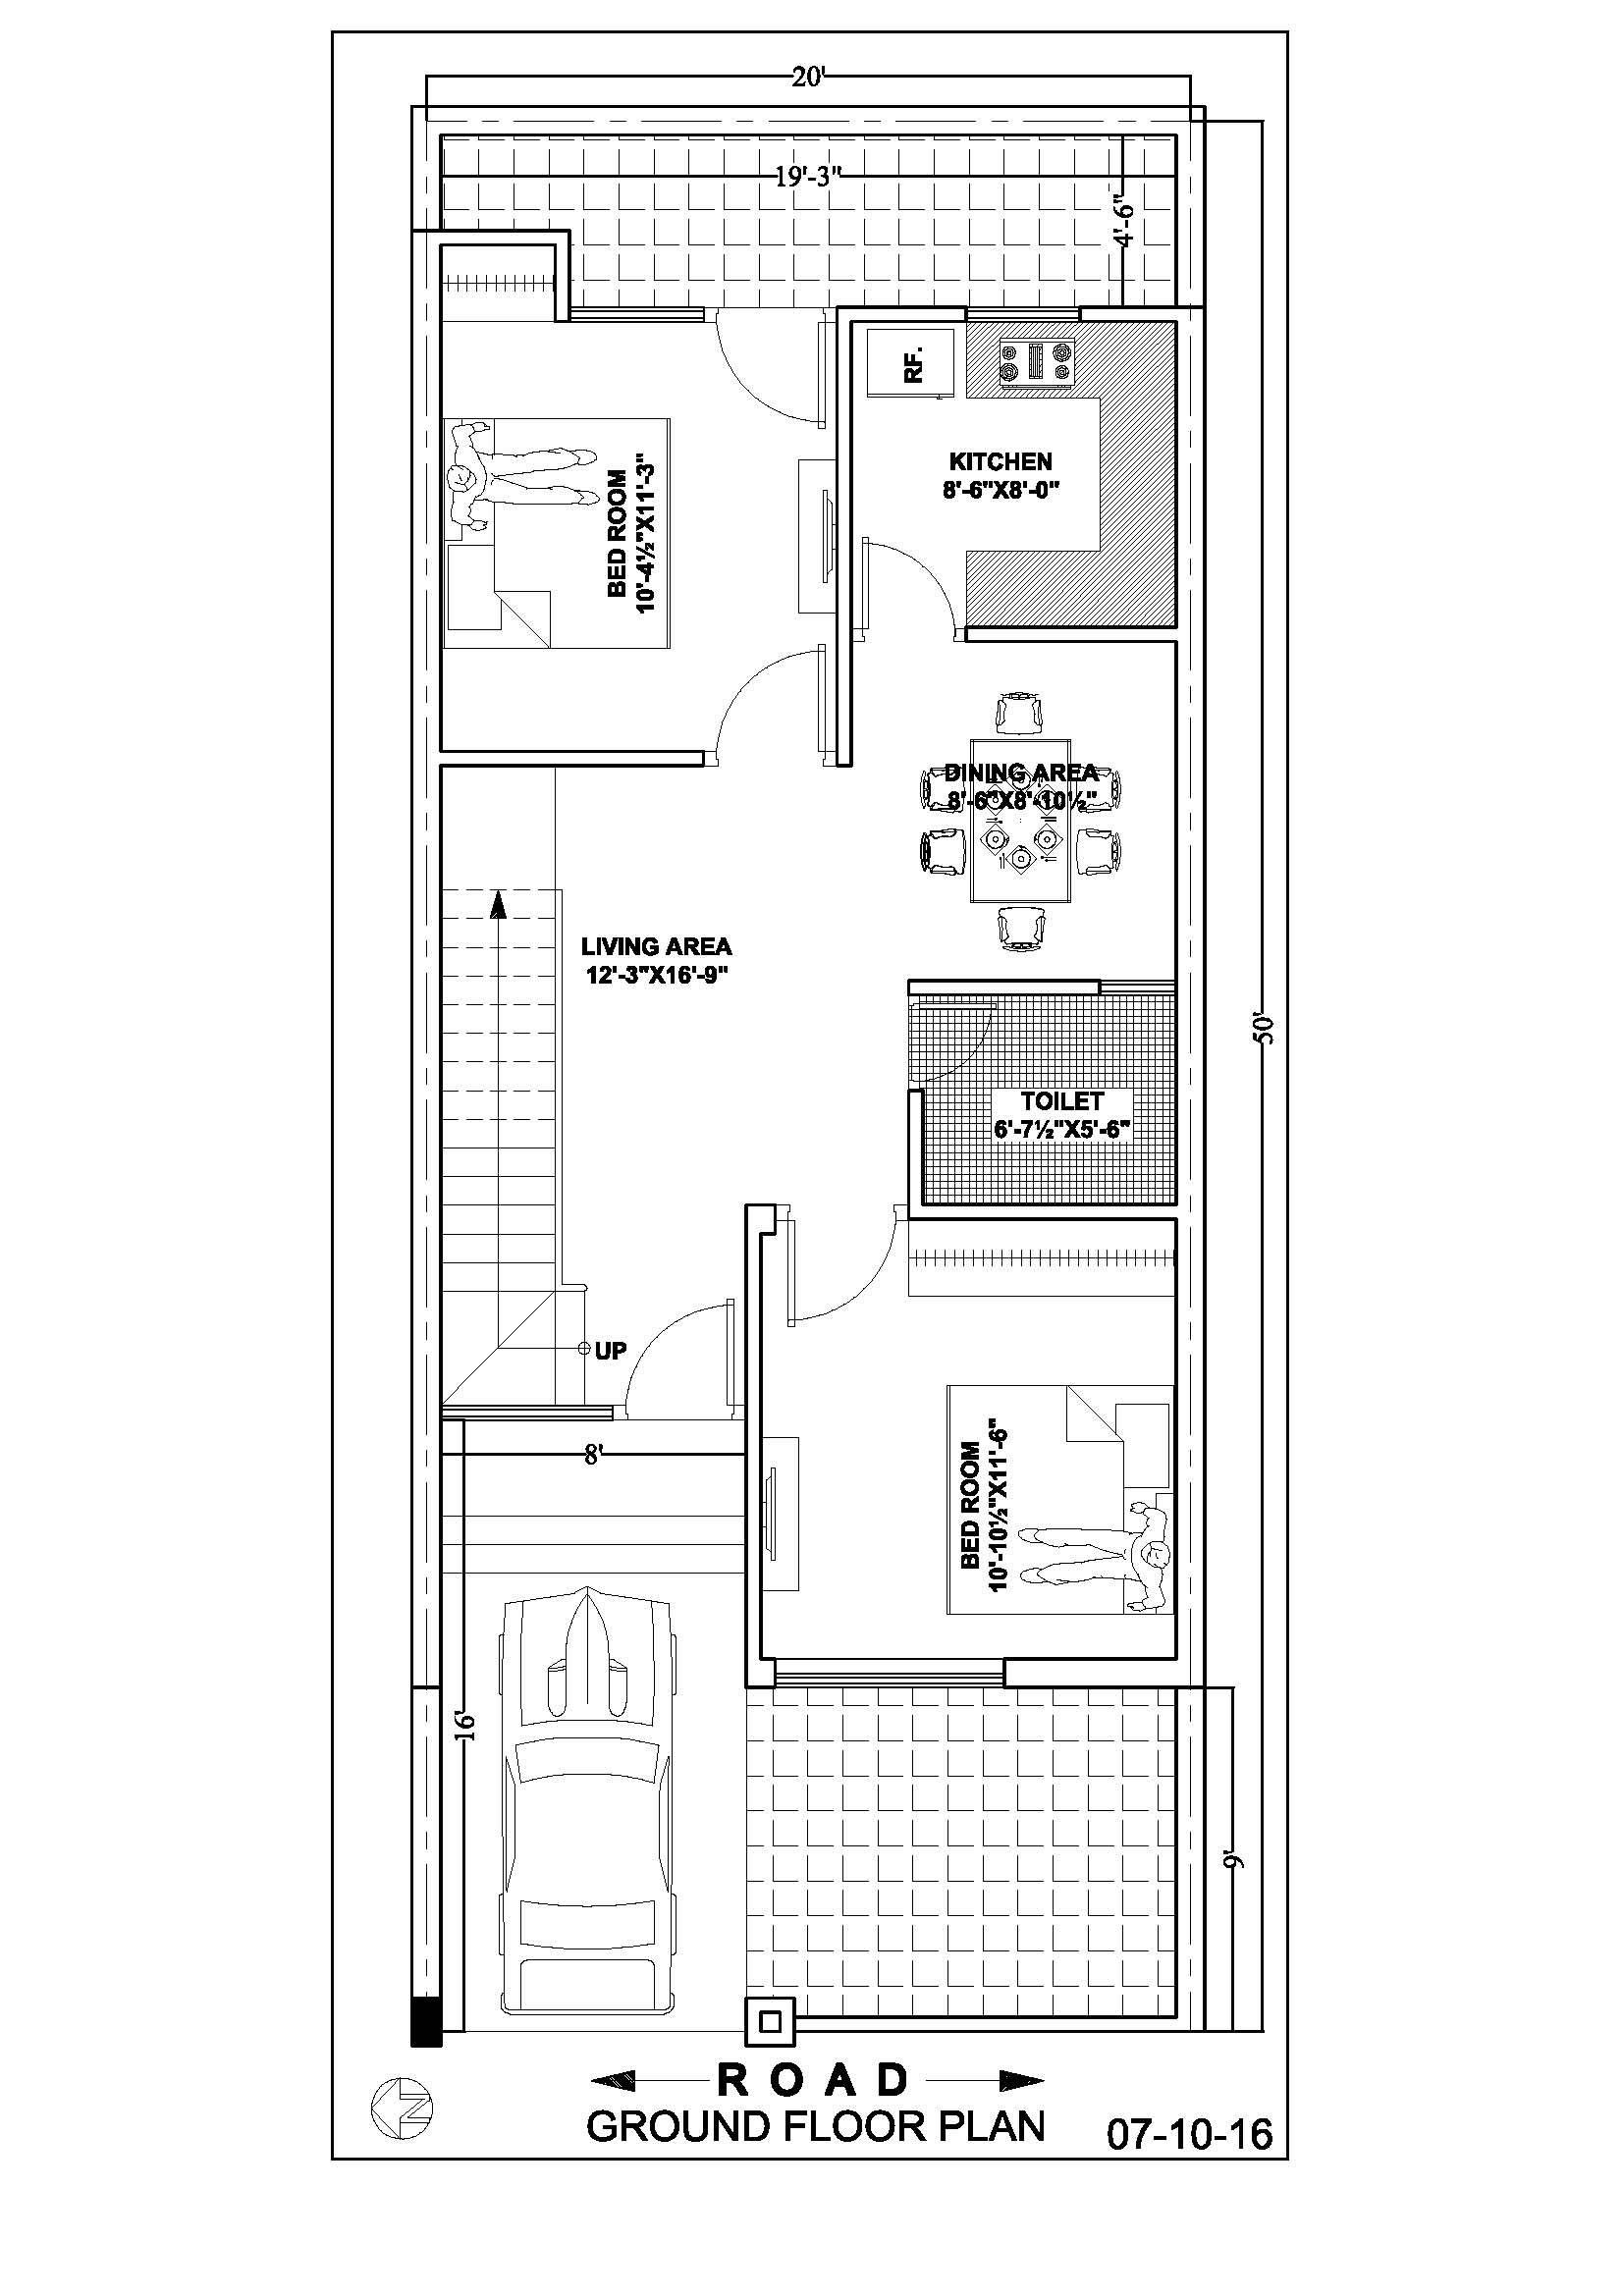 Independent Auto Dealer Floor Plan Pics